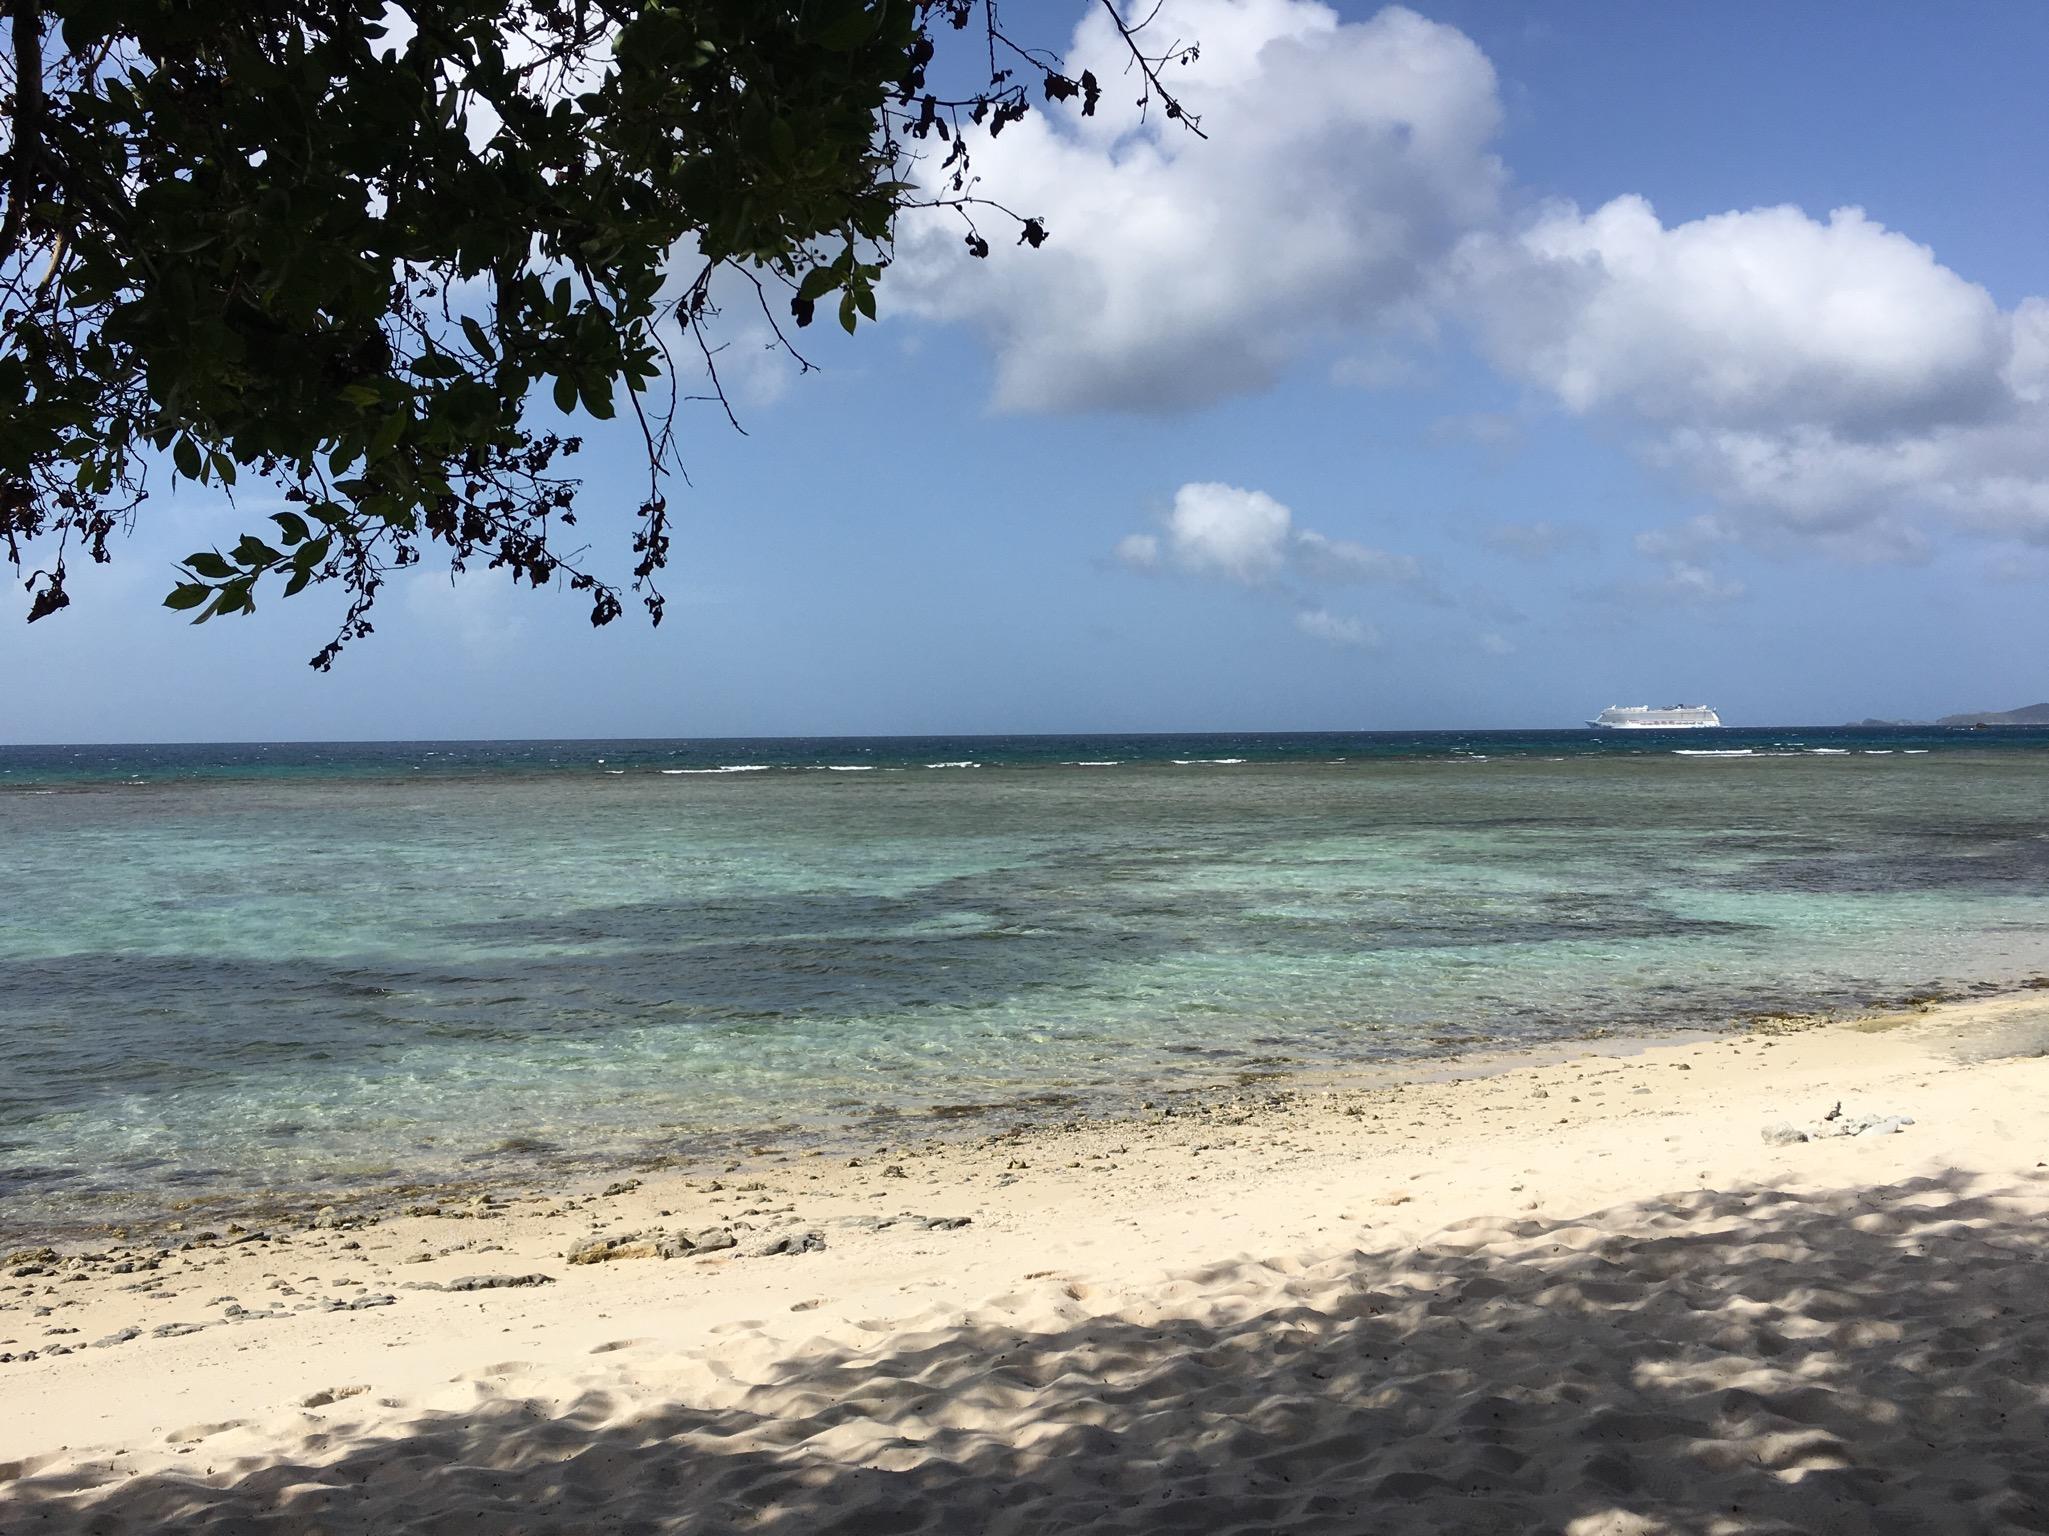 scrub-island-north-beach